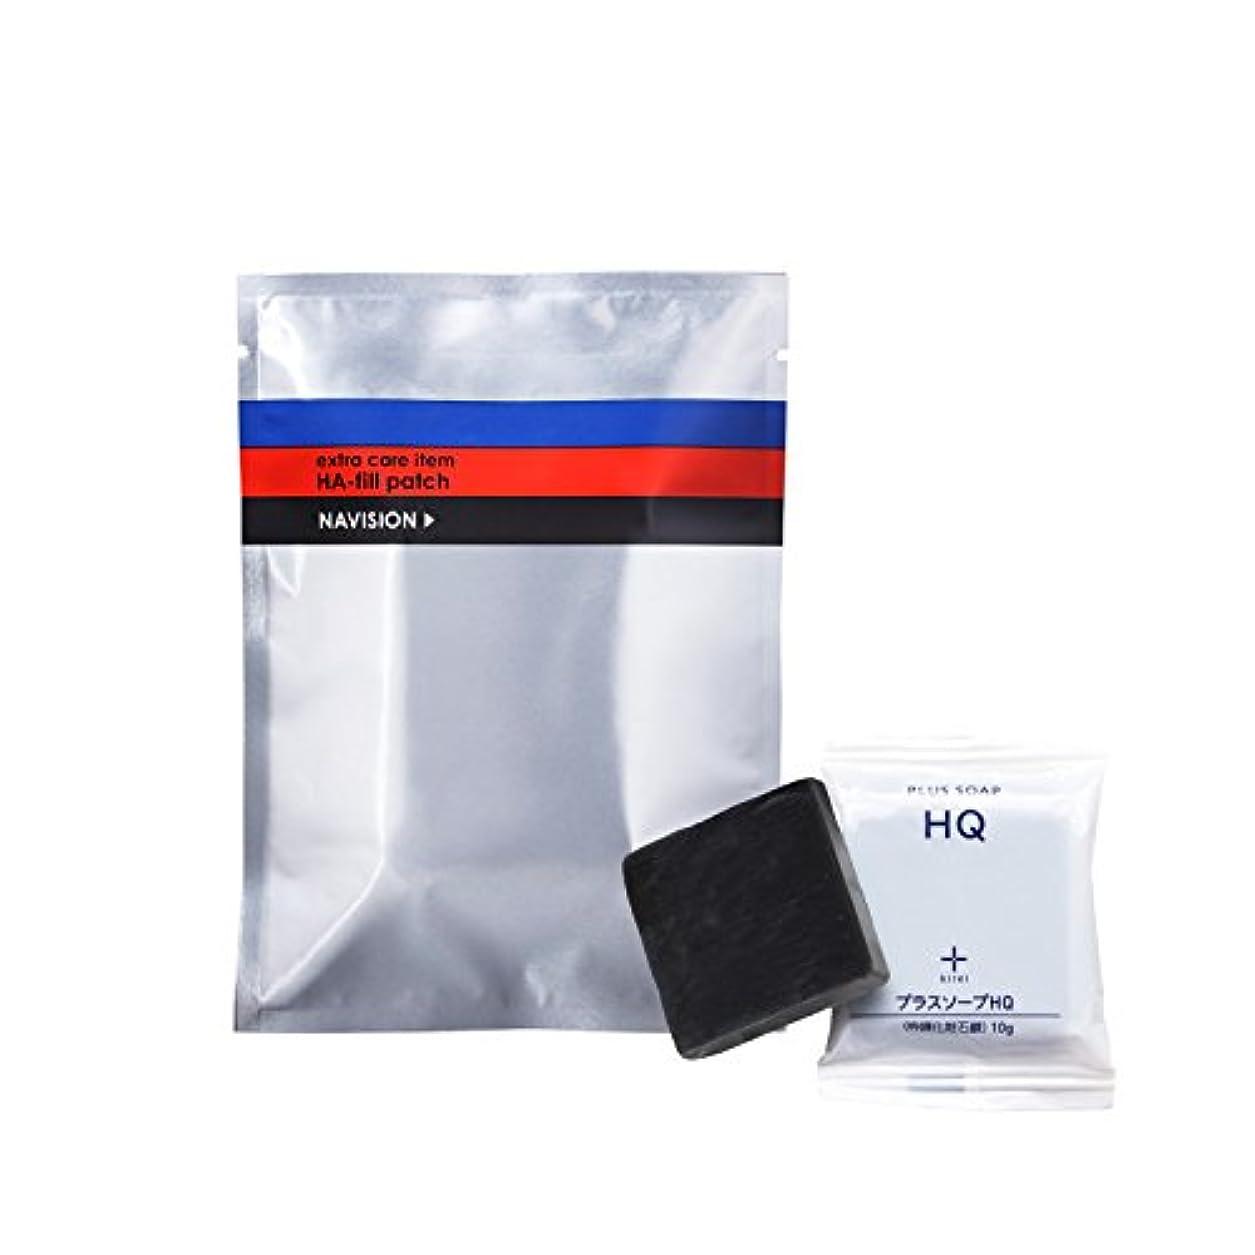 付添人愛測定ナビジョン NAVISION HAフィルパッチ(2枚×3包入) + プラスキレイ プラスソープHQミニ